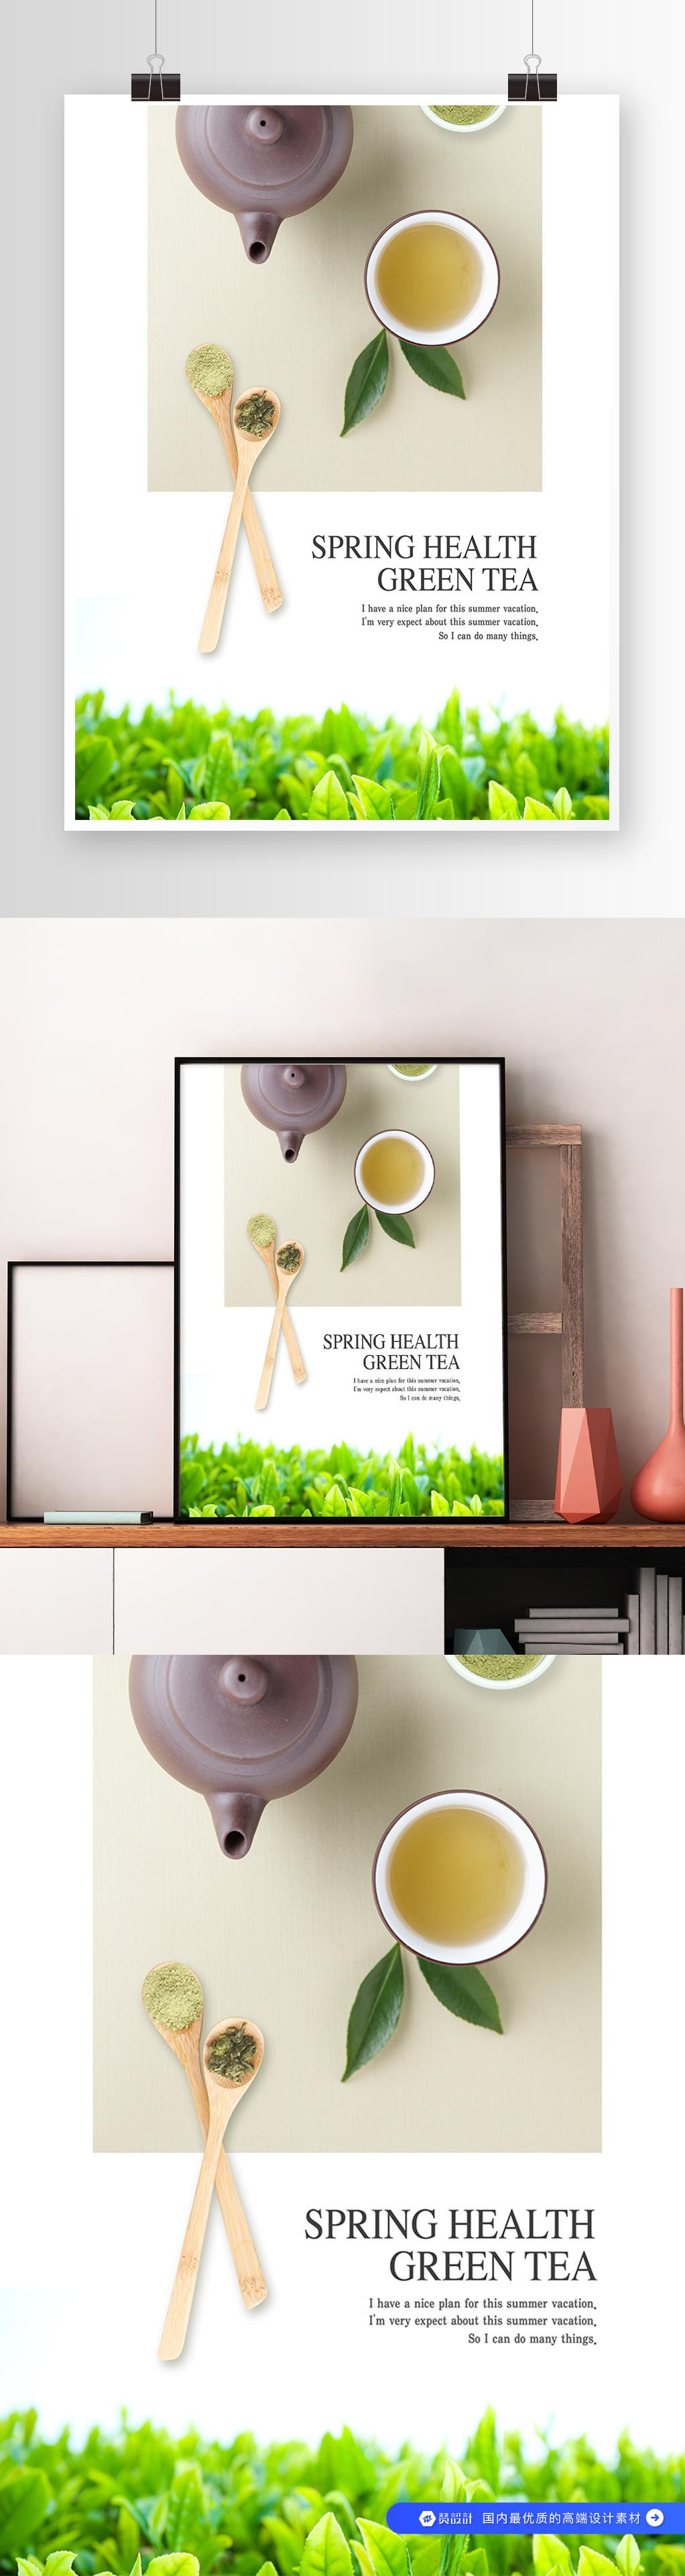 简约小清新绿茶饮品绿色食品海报素材 (1)